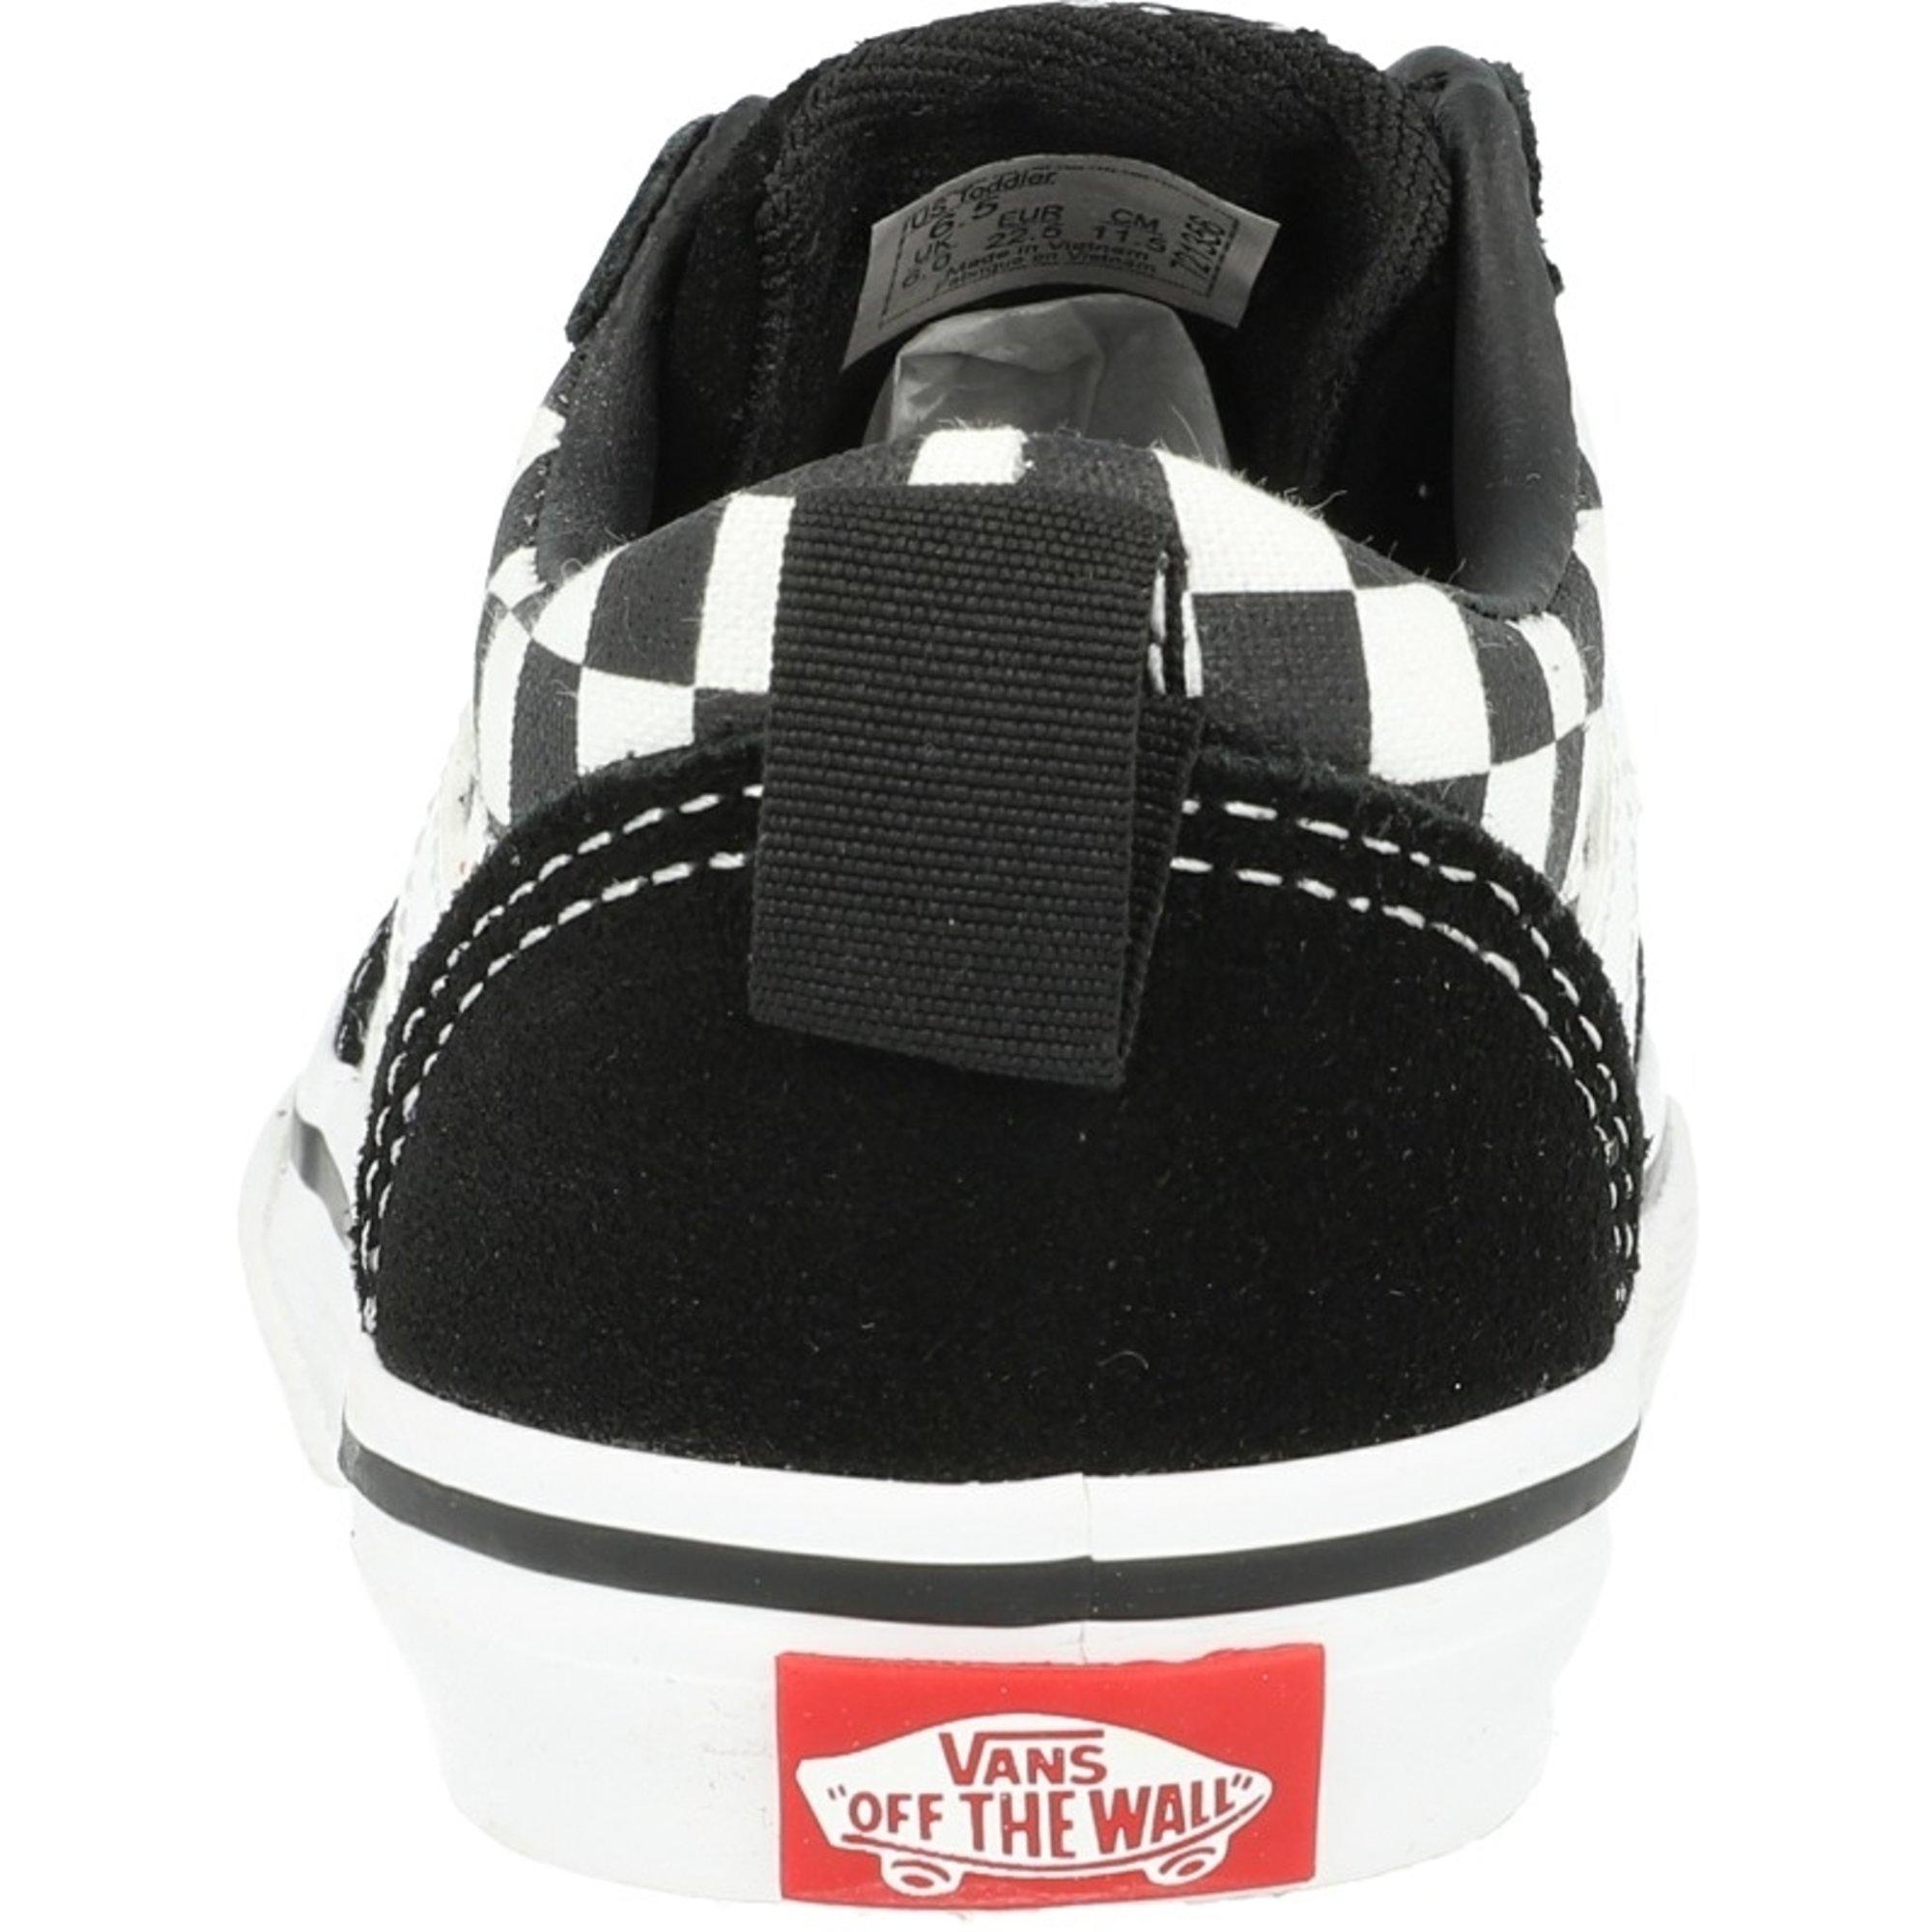 Vans Active TD Ward Slip-On Black Checkered Suede Infant